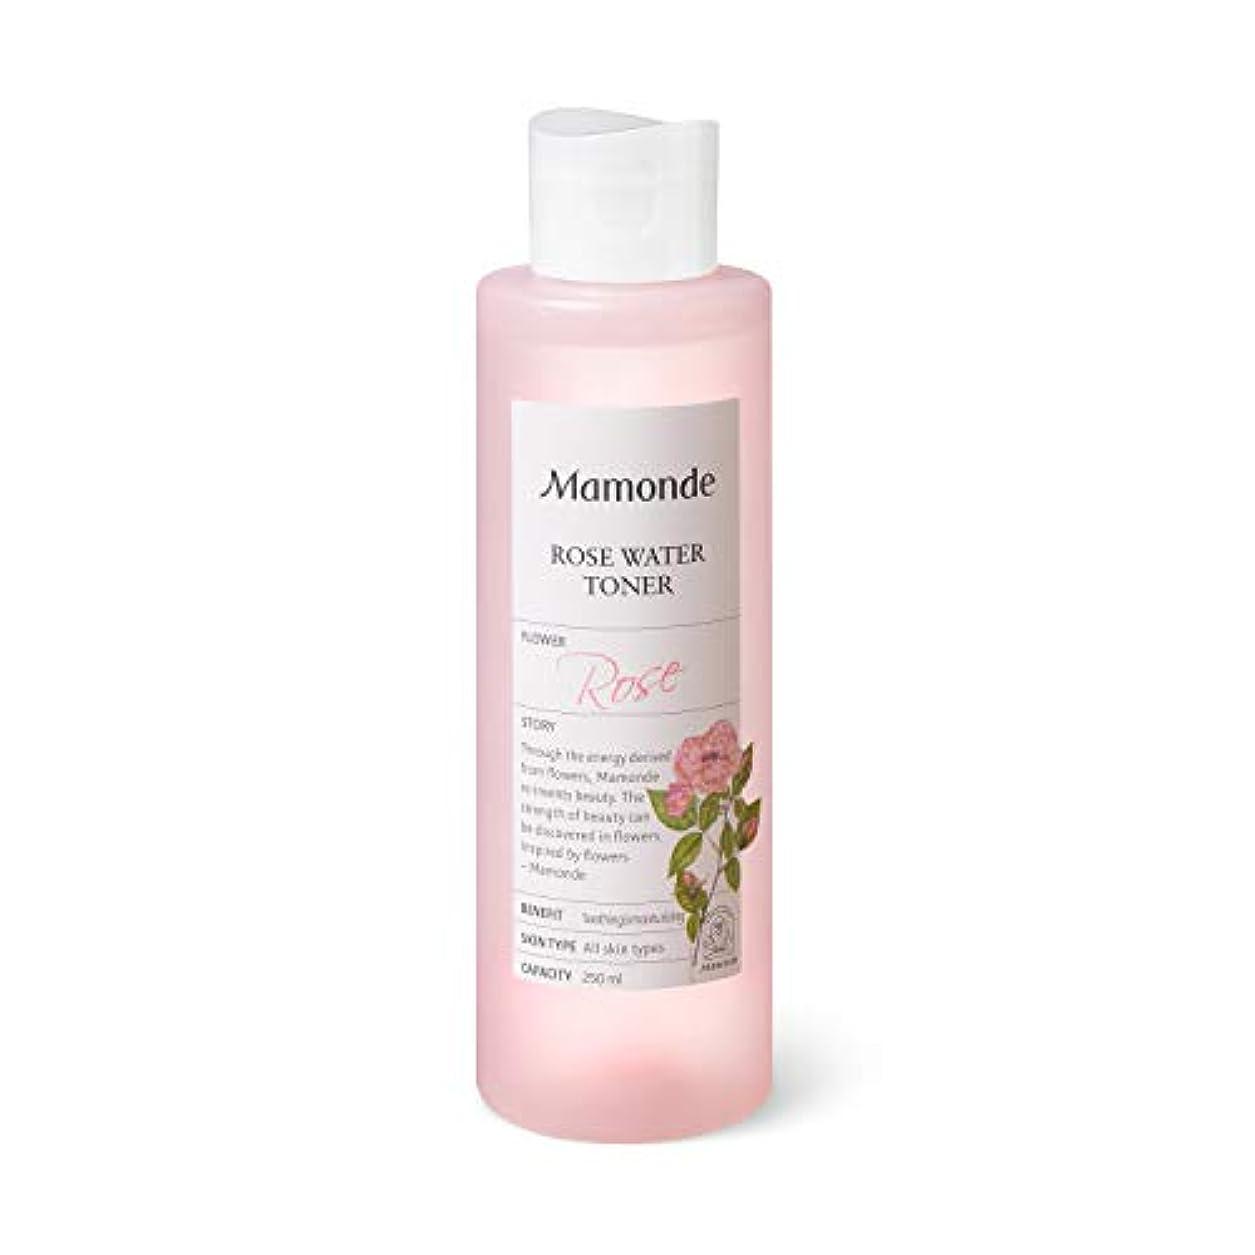 ビタミン迷路主[マモンド]ローズウォータートナー(Mamonde Rose Water Toner 250ml)